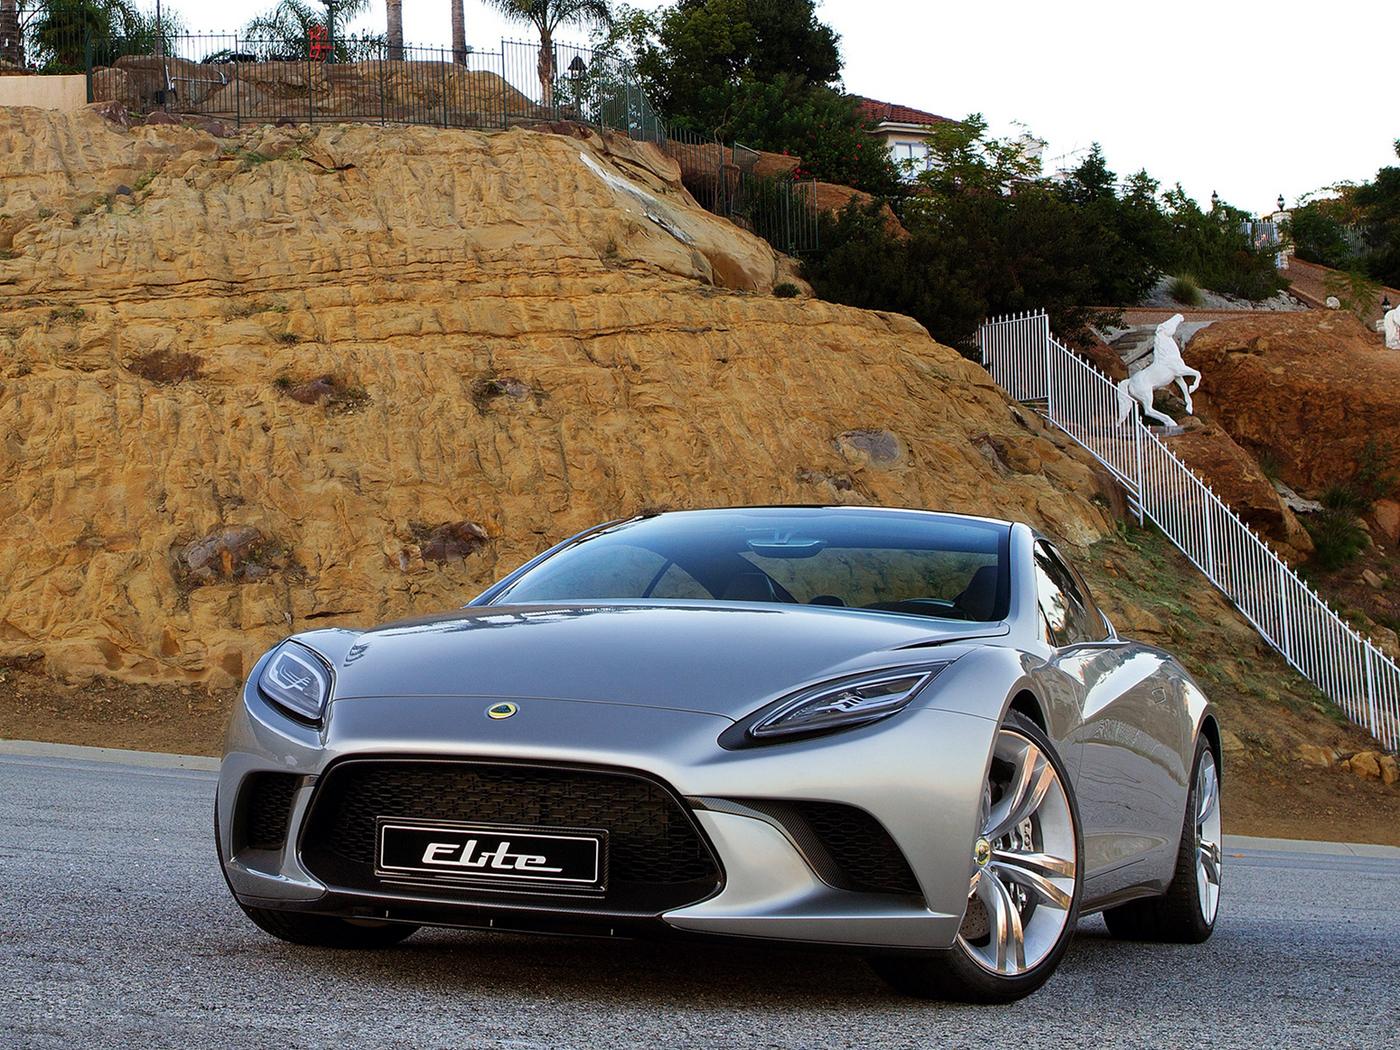 25227 скачать обои Транспорт, Машины, Лотус (Lotus) - заставки и картинки бесплатно